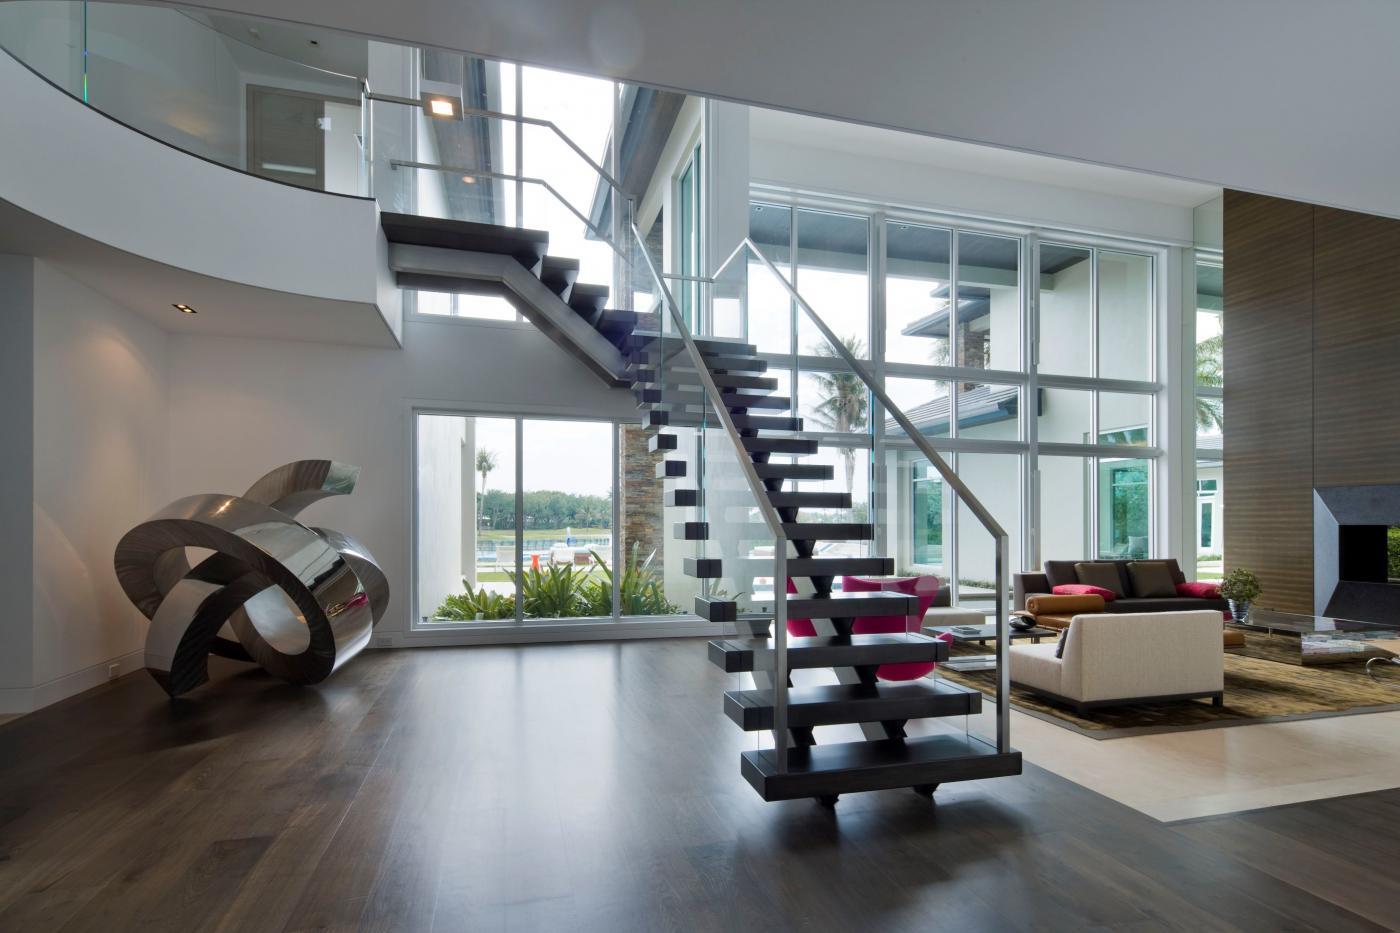 Neomodern Architecture 15